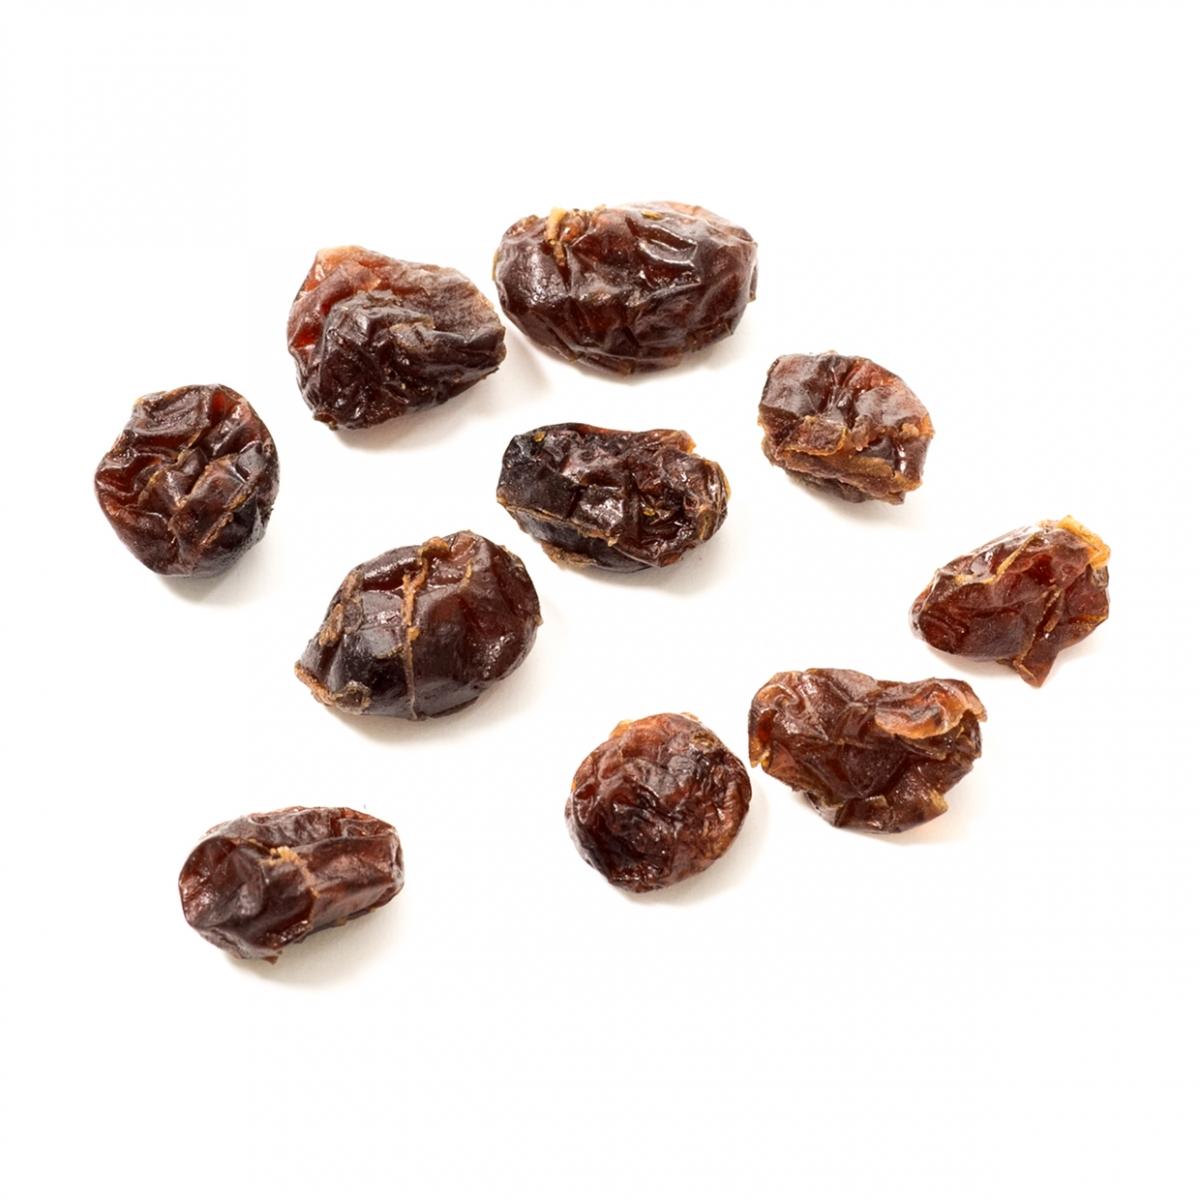 Imagen en la que se ven unas uvas pasas